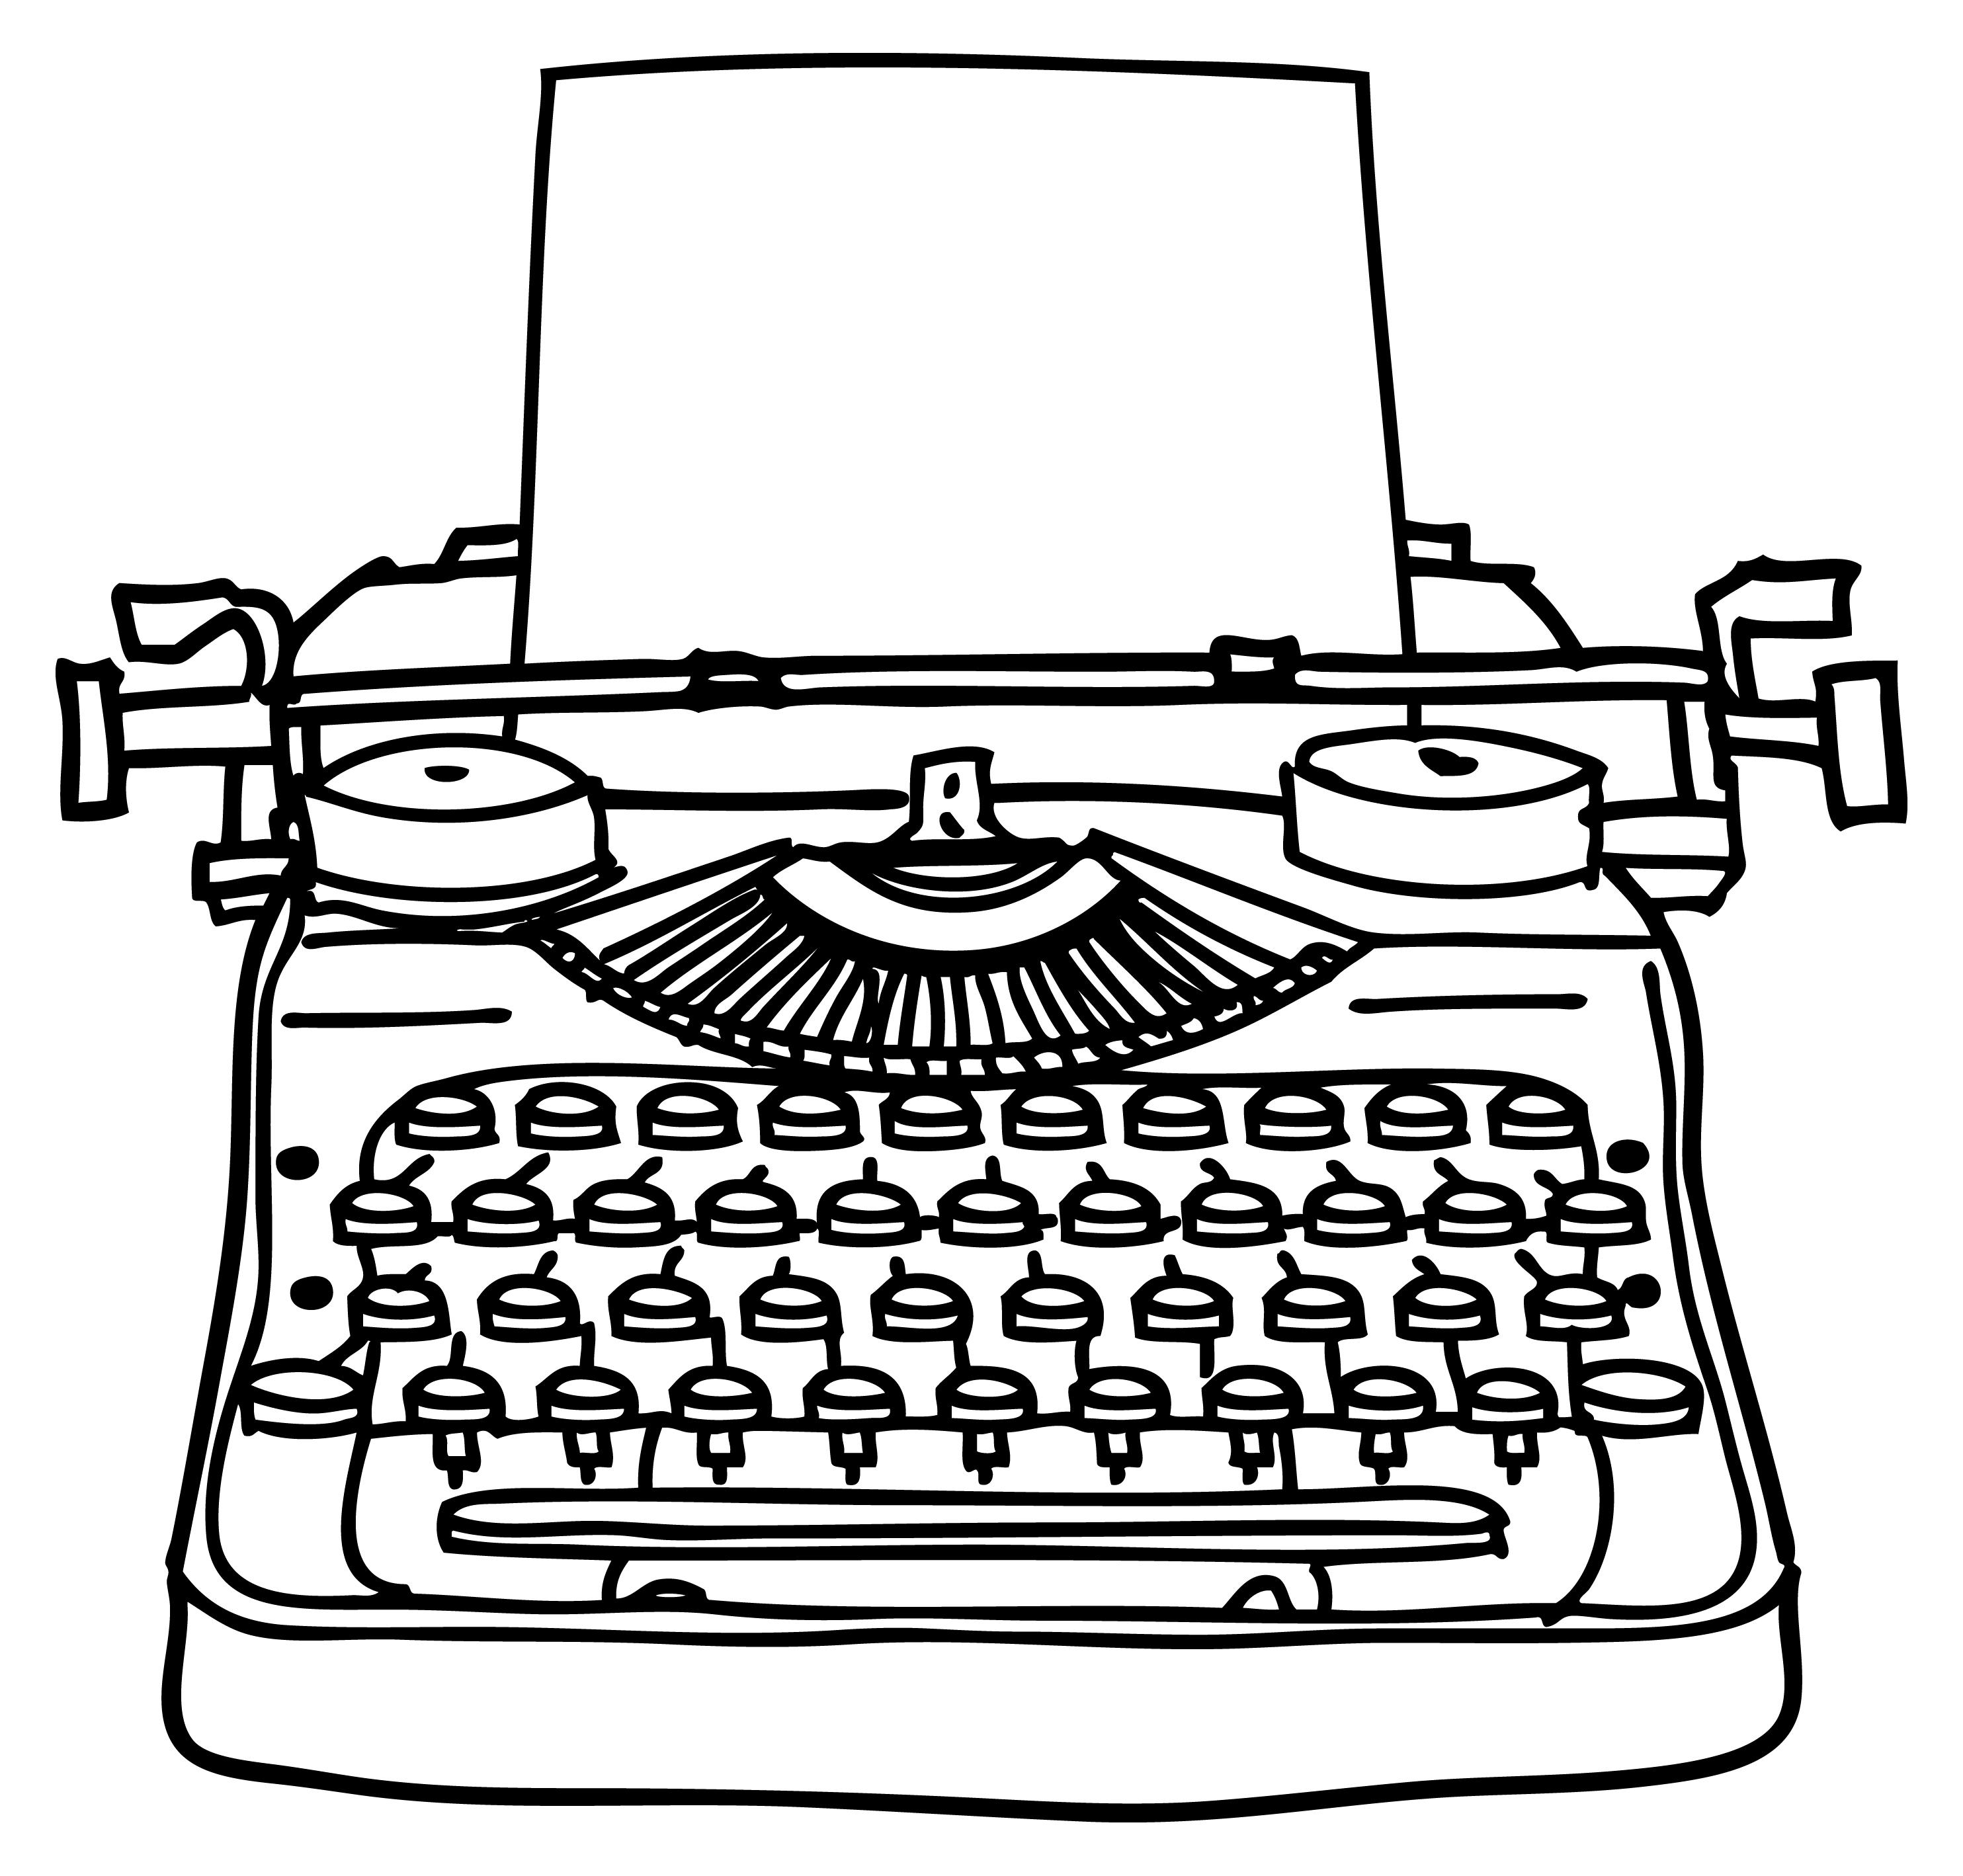 Drawn typewriter Typewriter Search Typewriter typewriter &